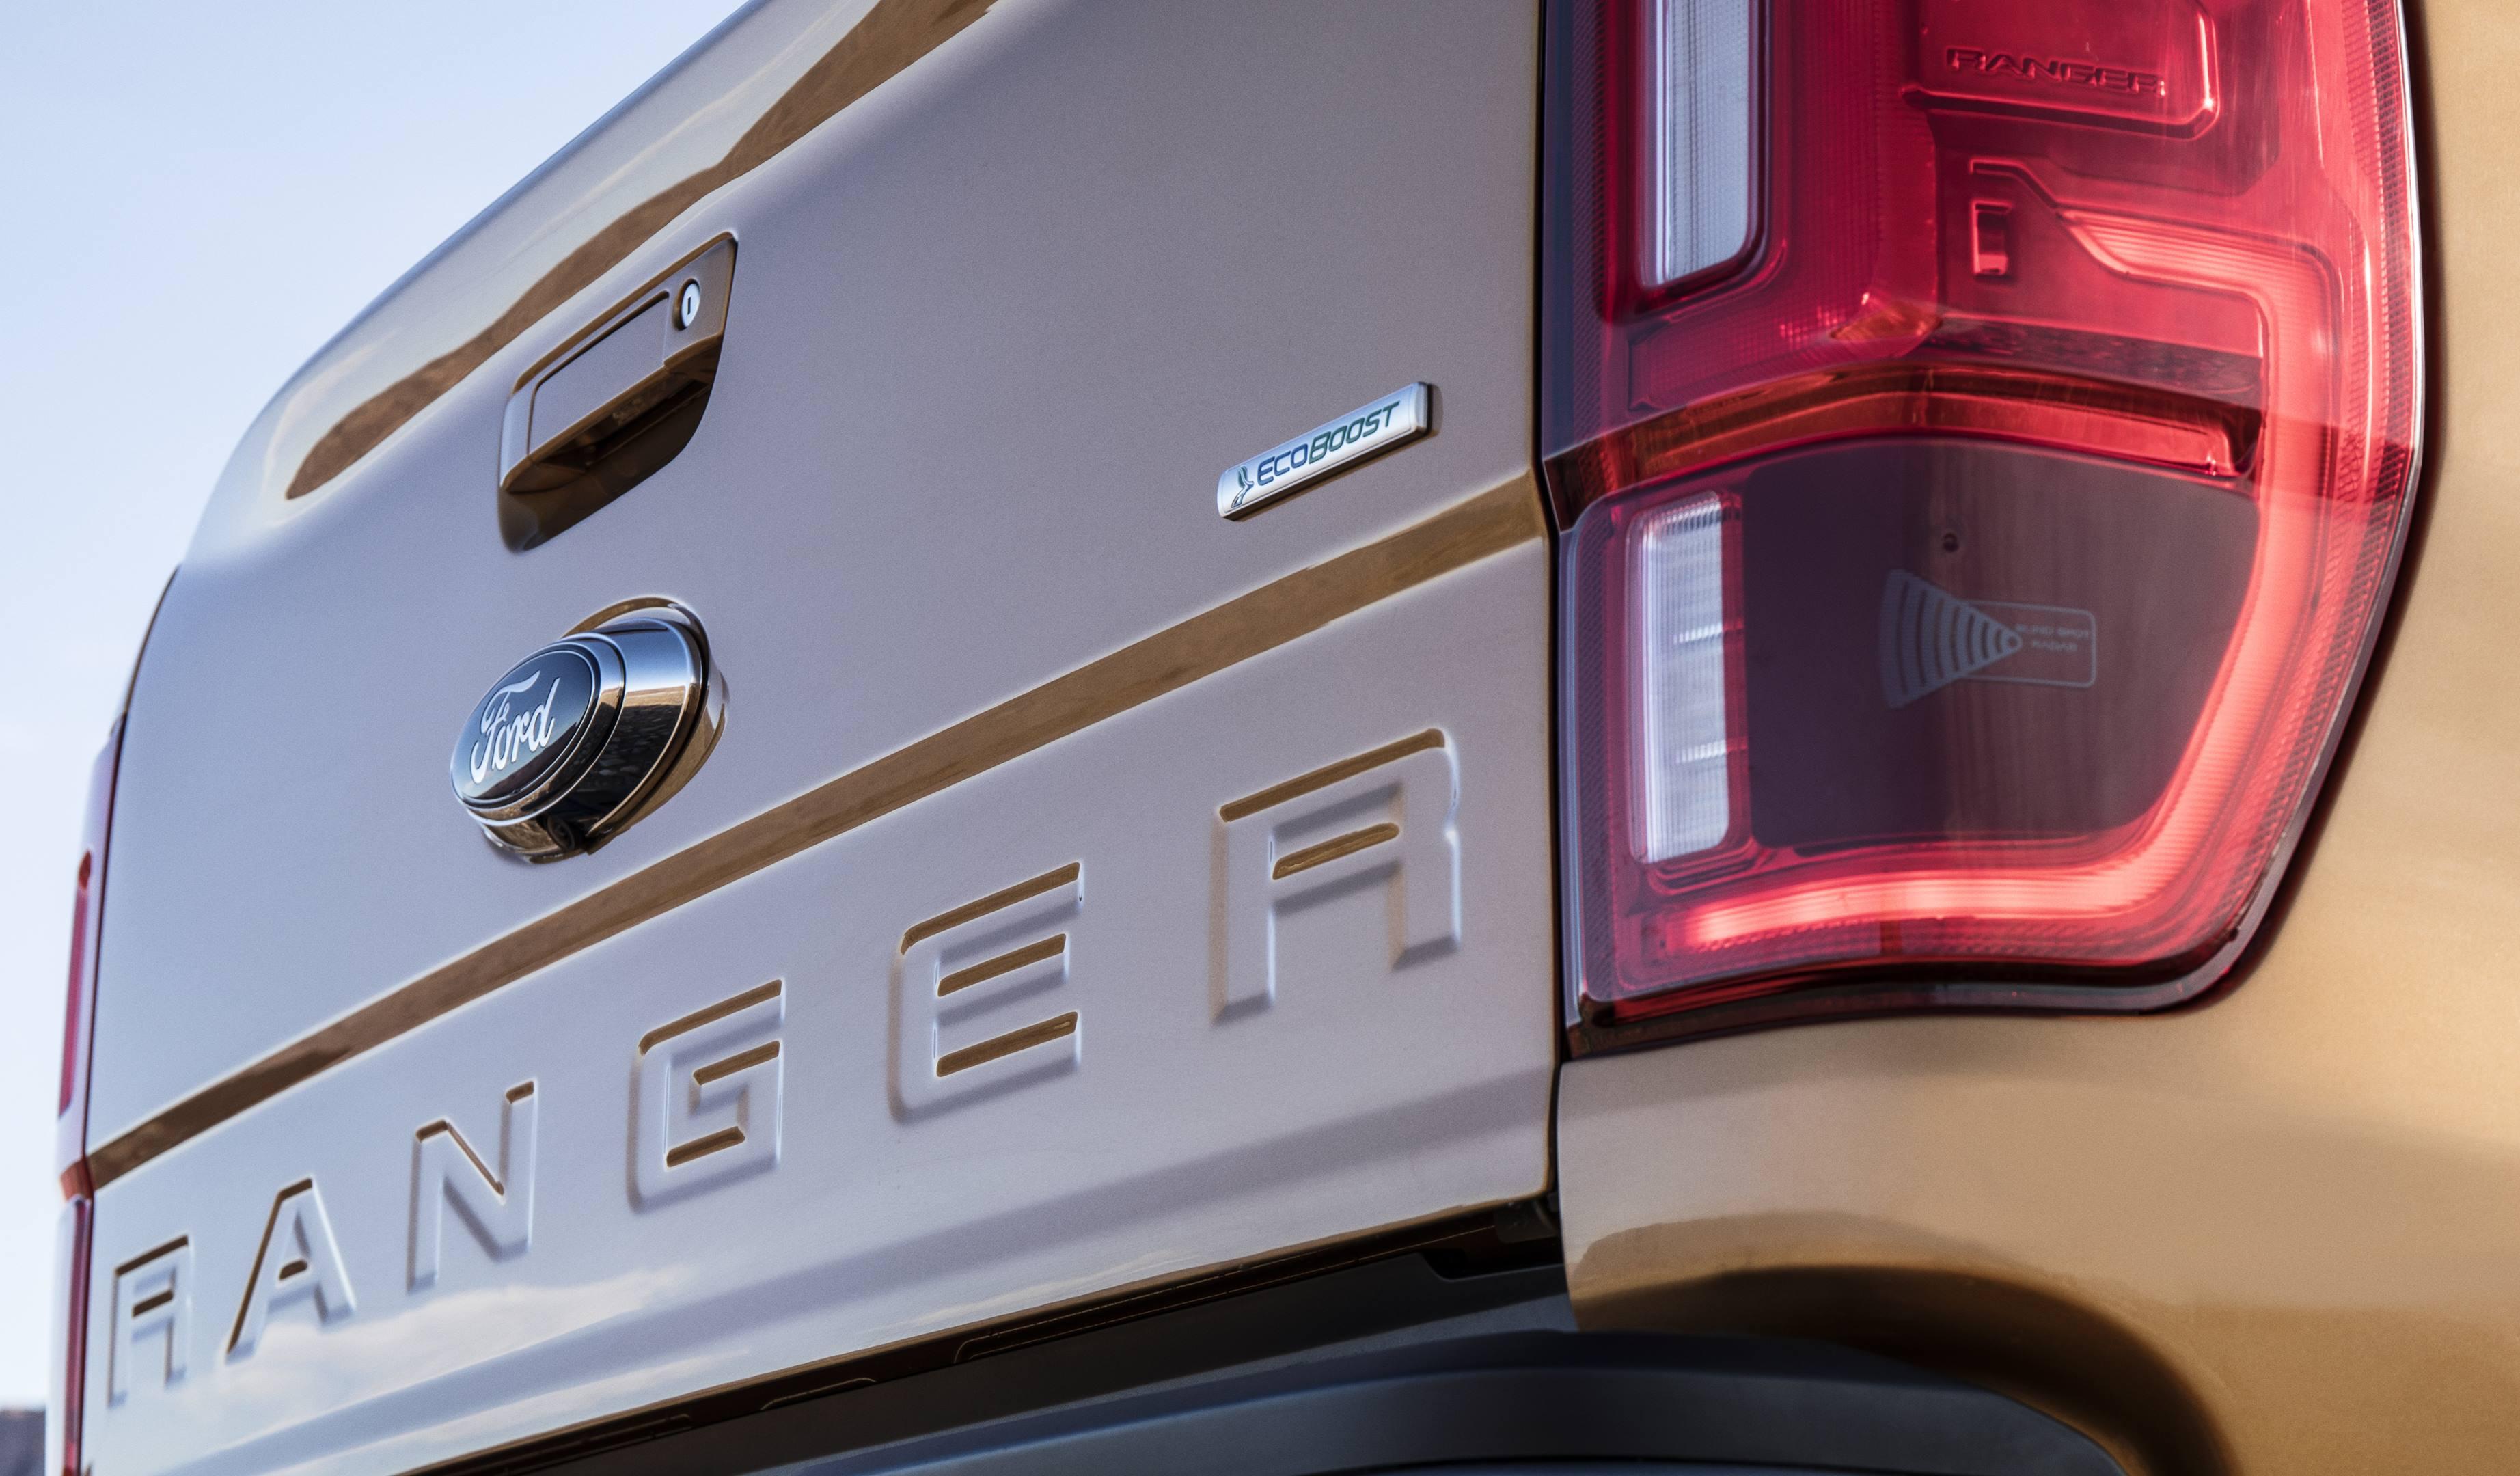 2019 Ford Ranger tailgate detail